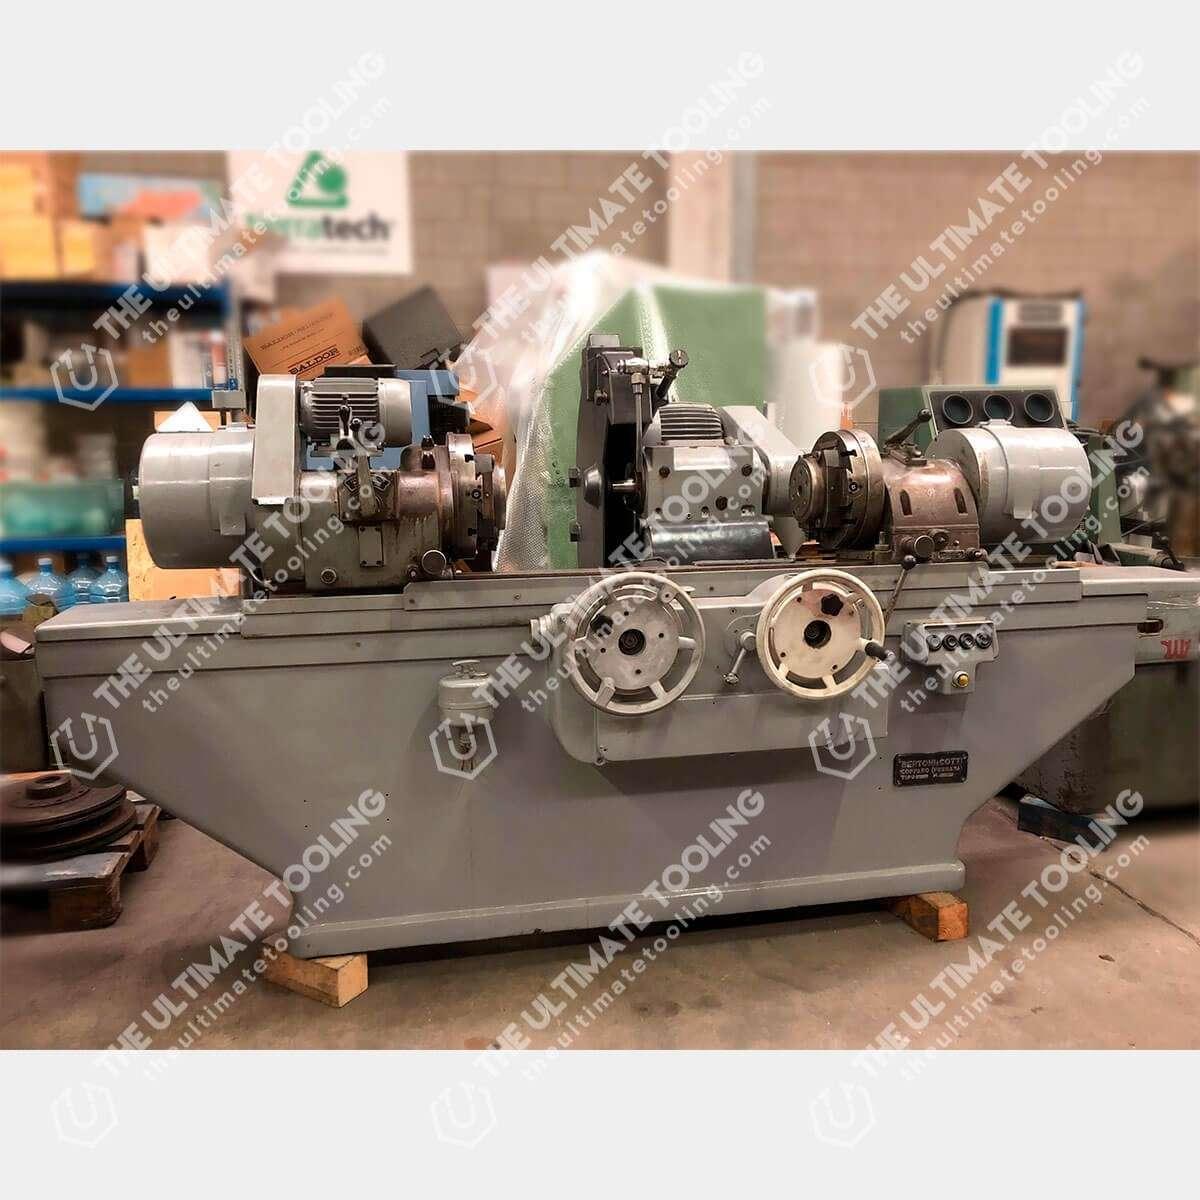 MU750 - BERCO RTM 180 Used Crankshaft Grinding Machine